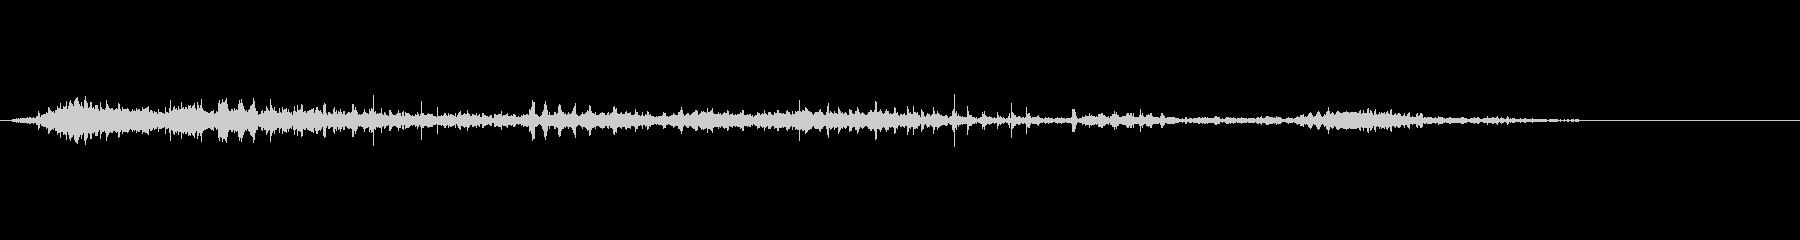 群集(50);笑い/拍手、Int ...の未再生の波形